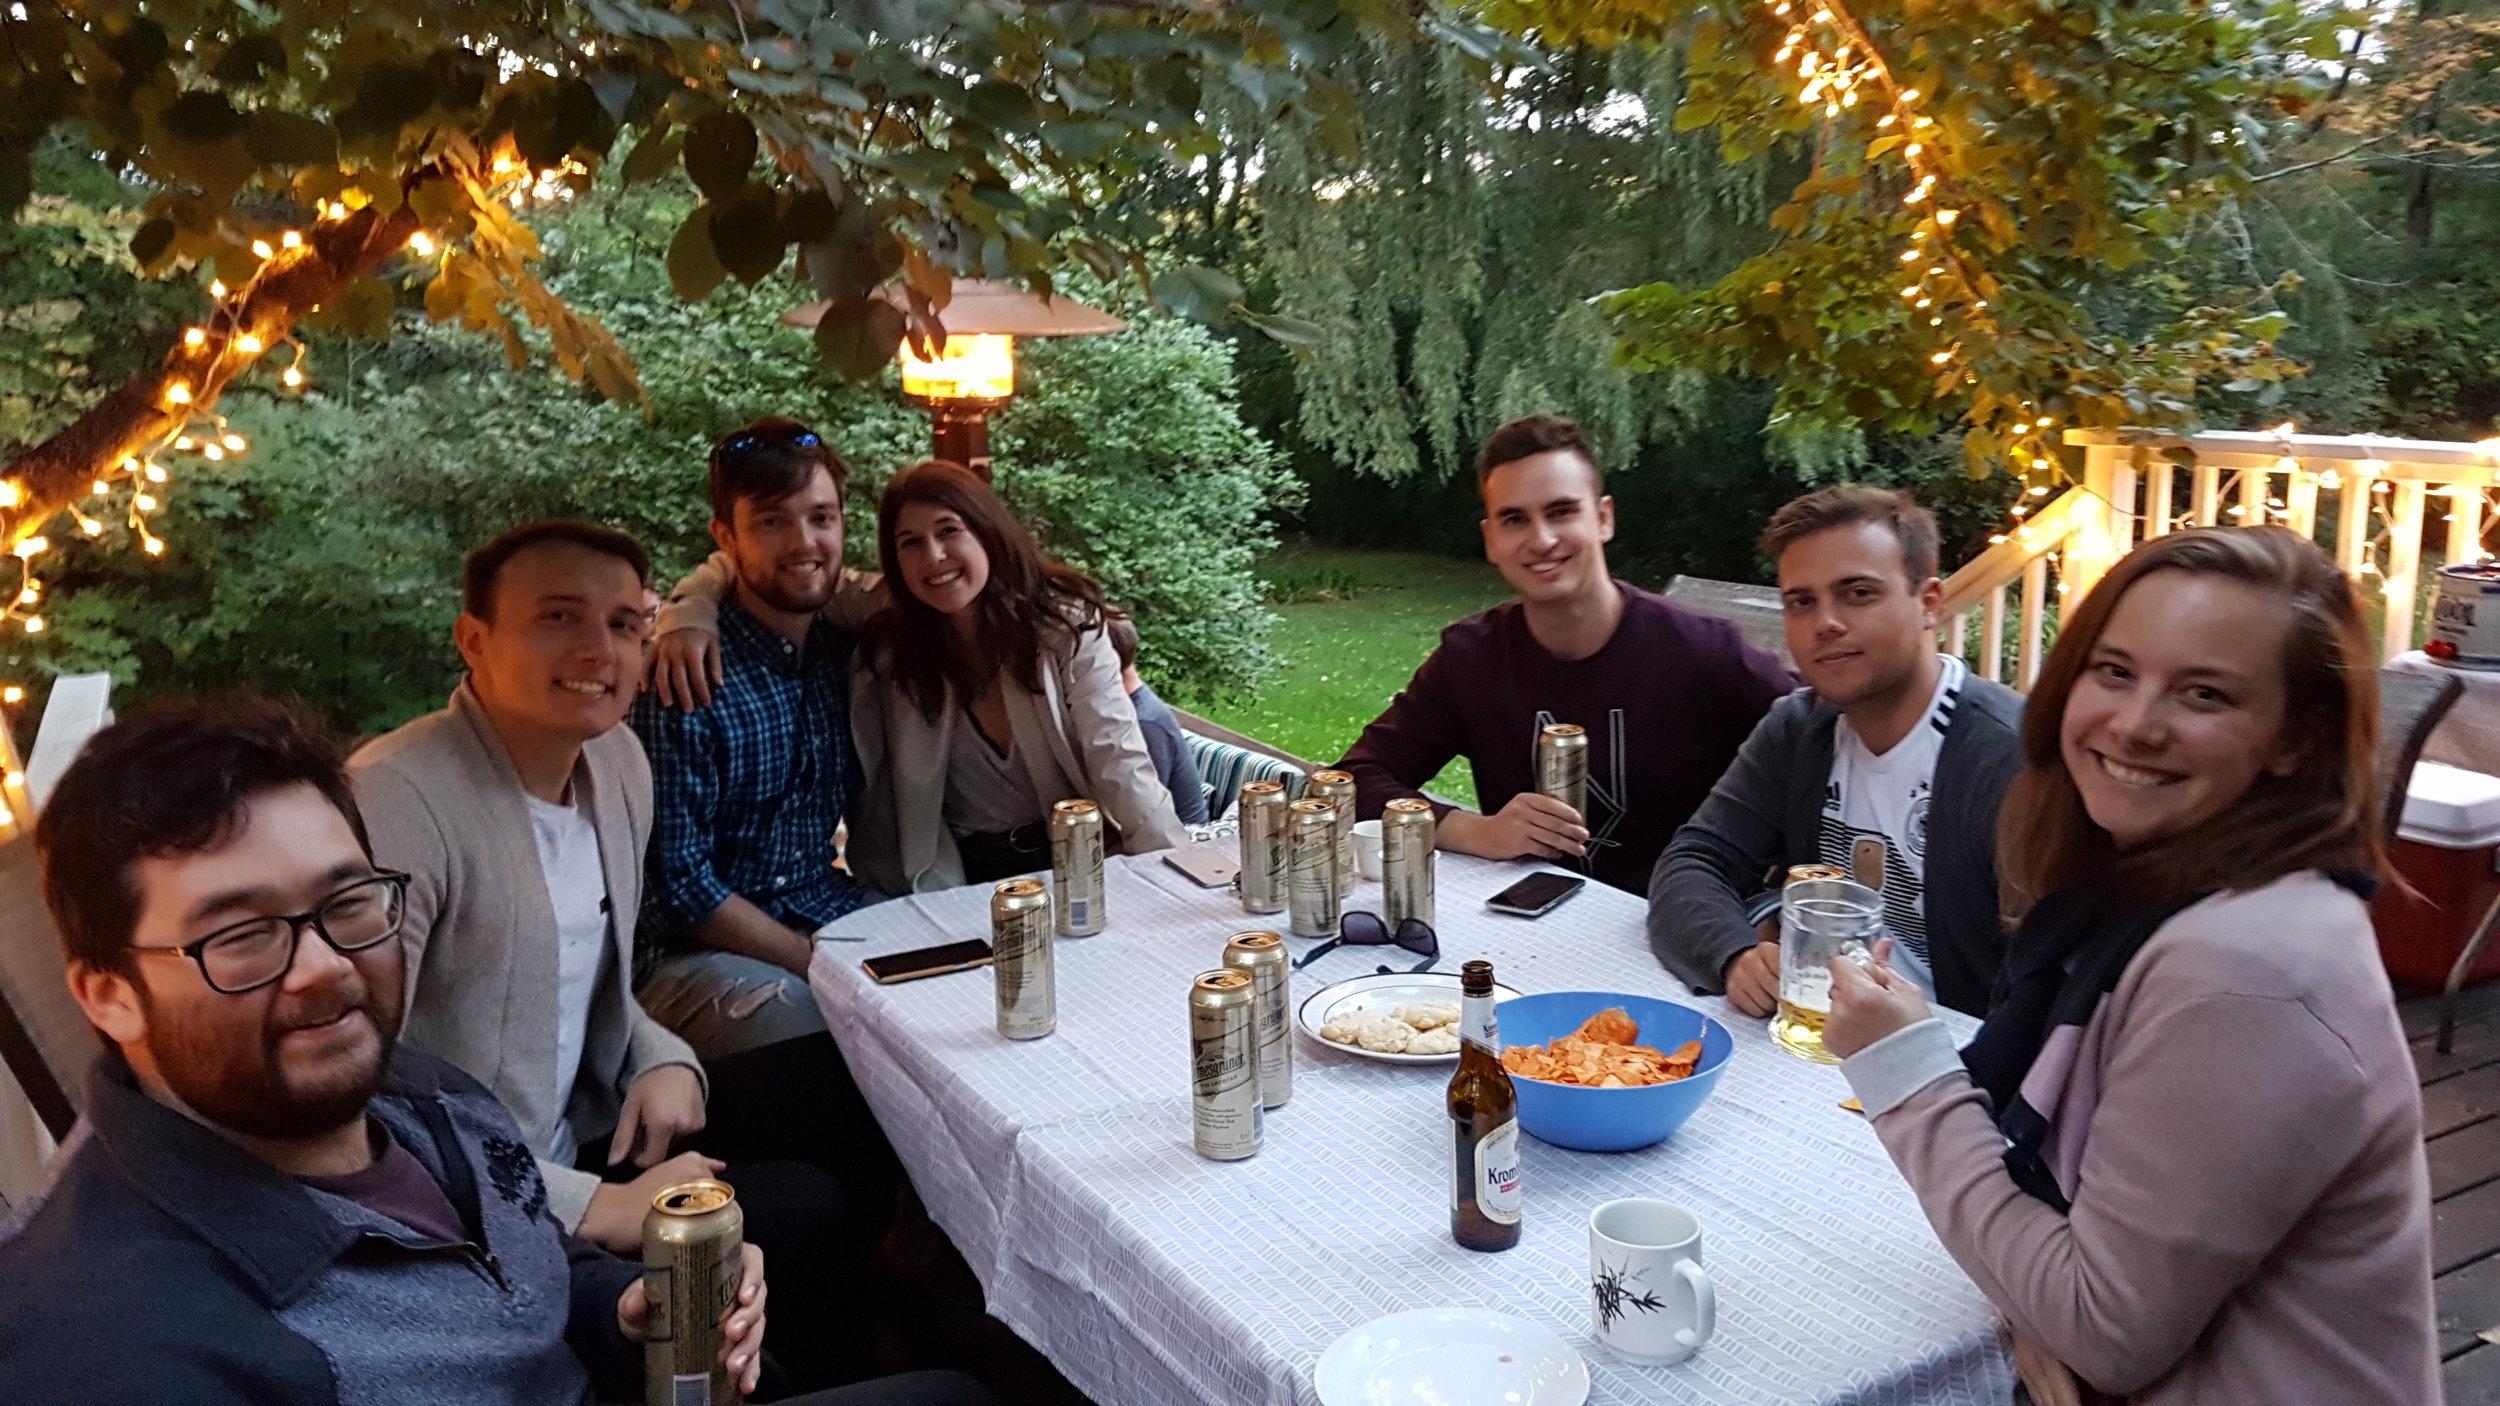 From left: Sean, Adam, Andrew, Emily, Leo, Matthias, and Annica